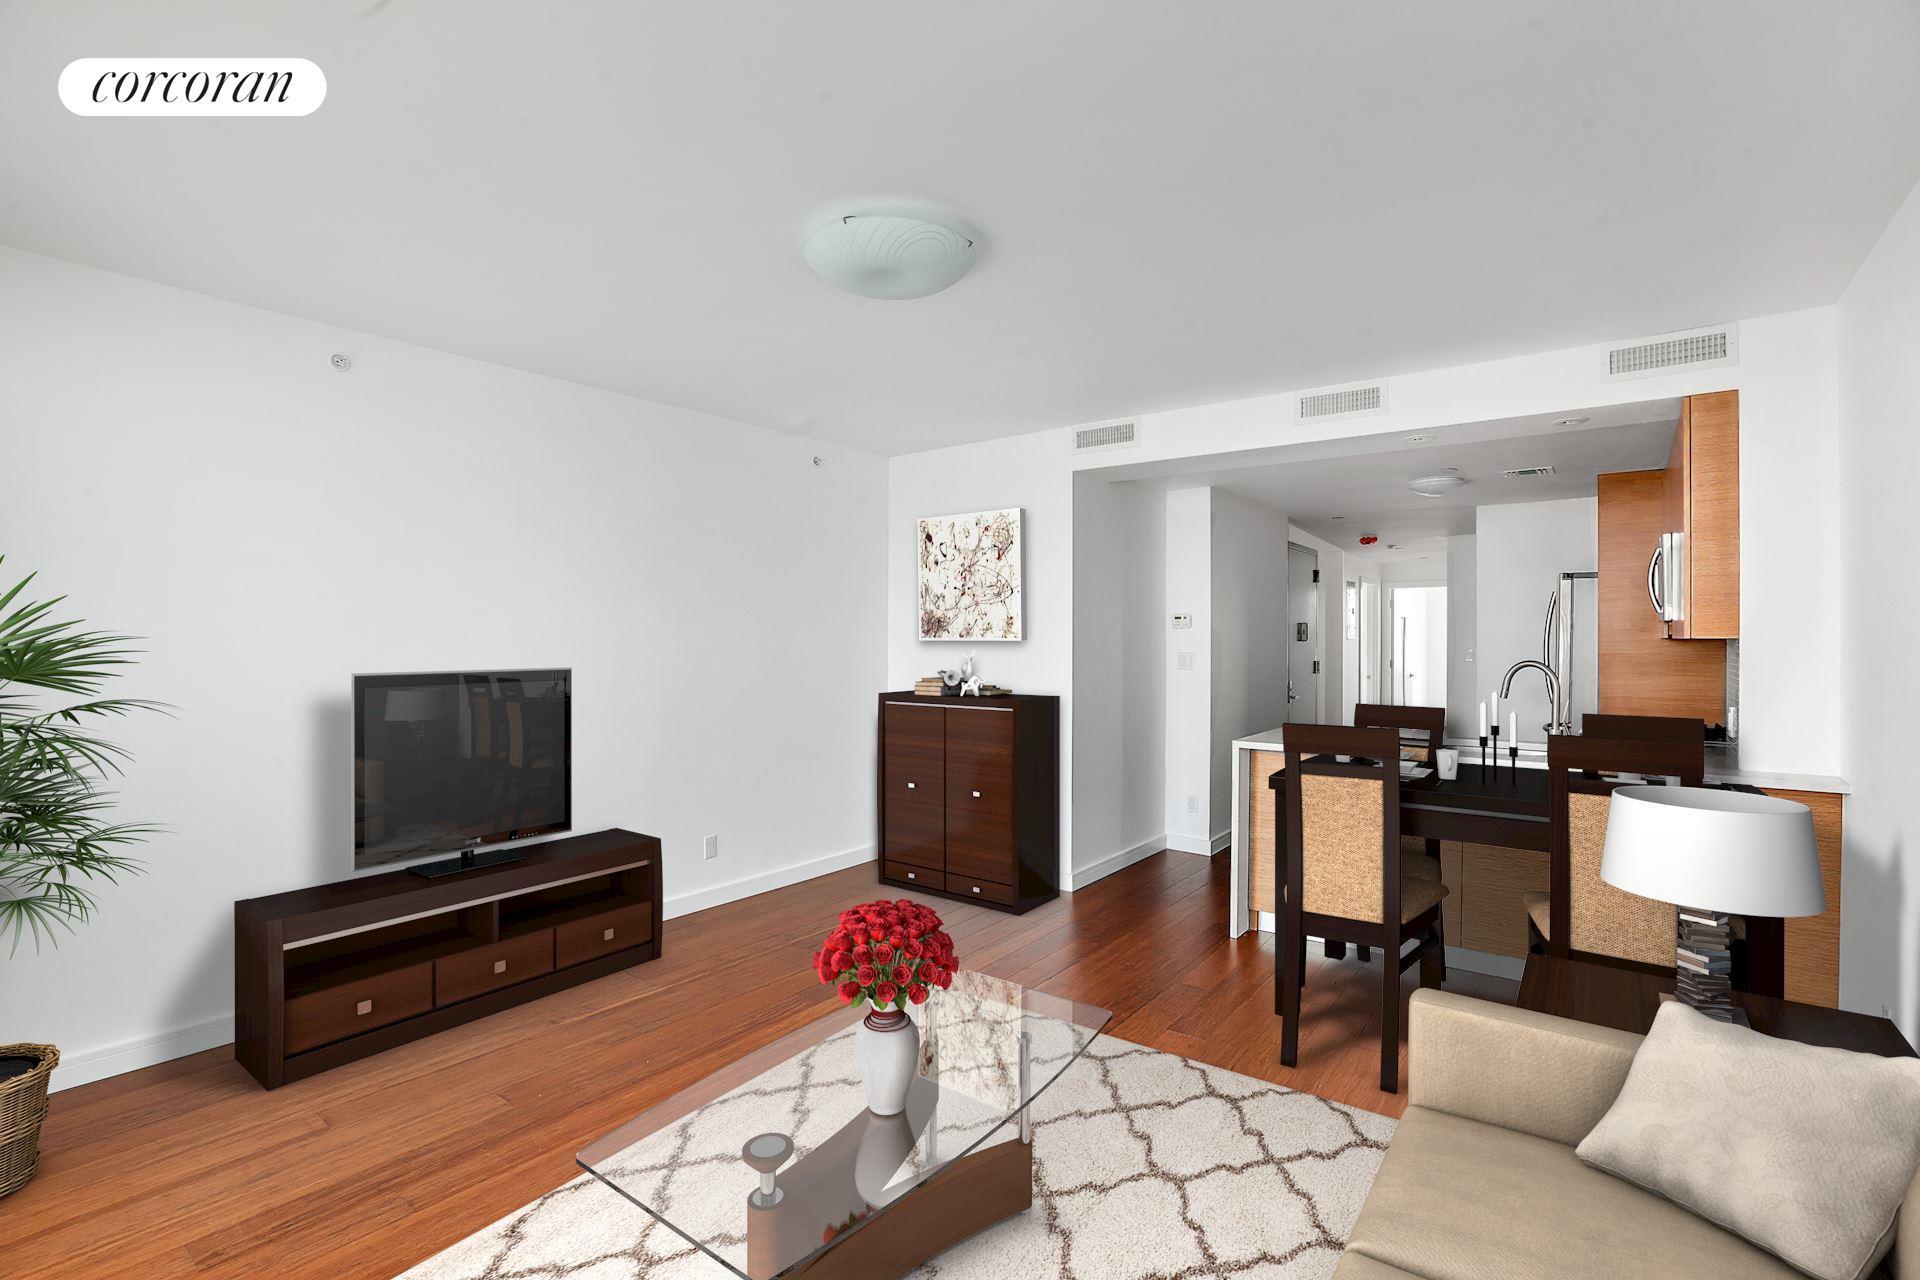 Corcoran, 330 Bleecker Street, Apt. PH/4A, Bushwick Real Estate ...